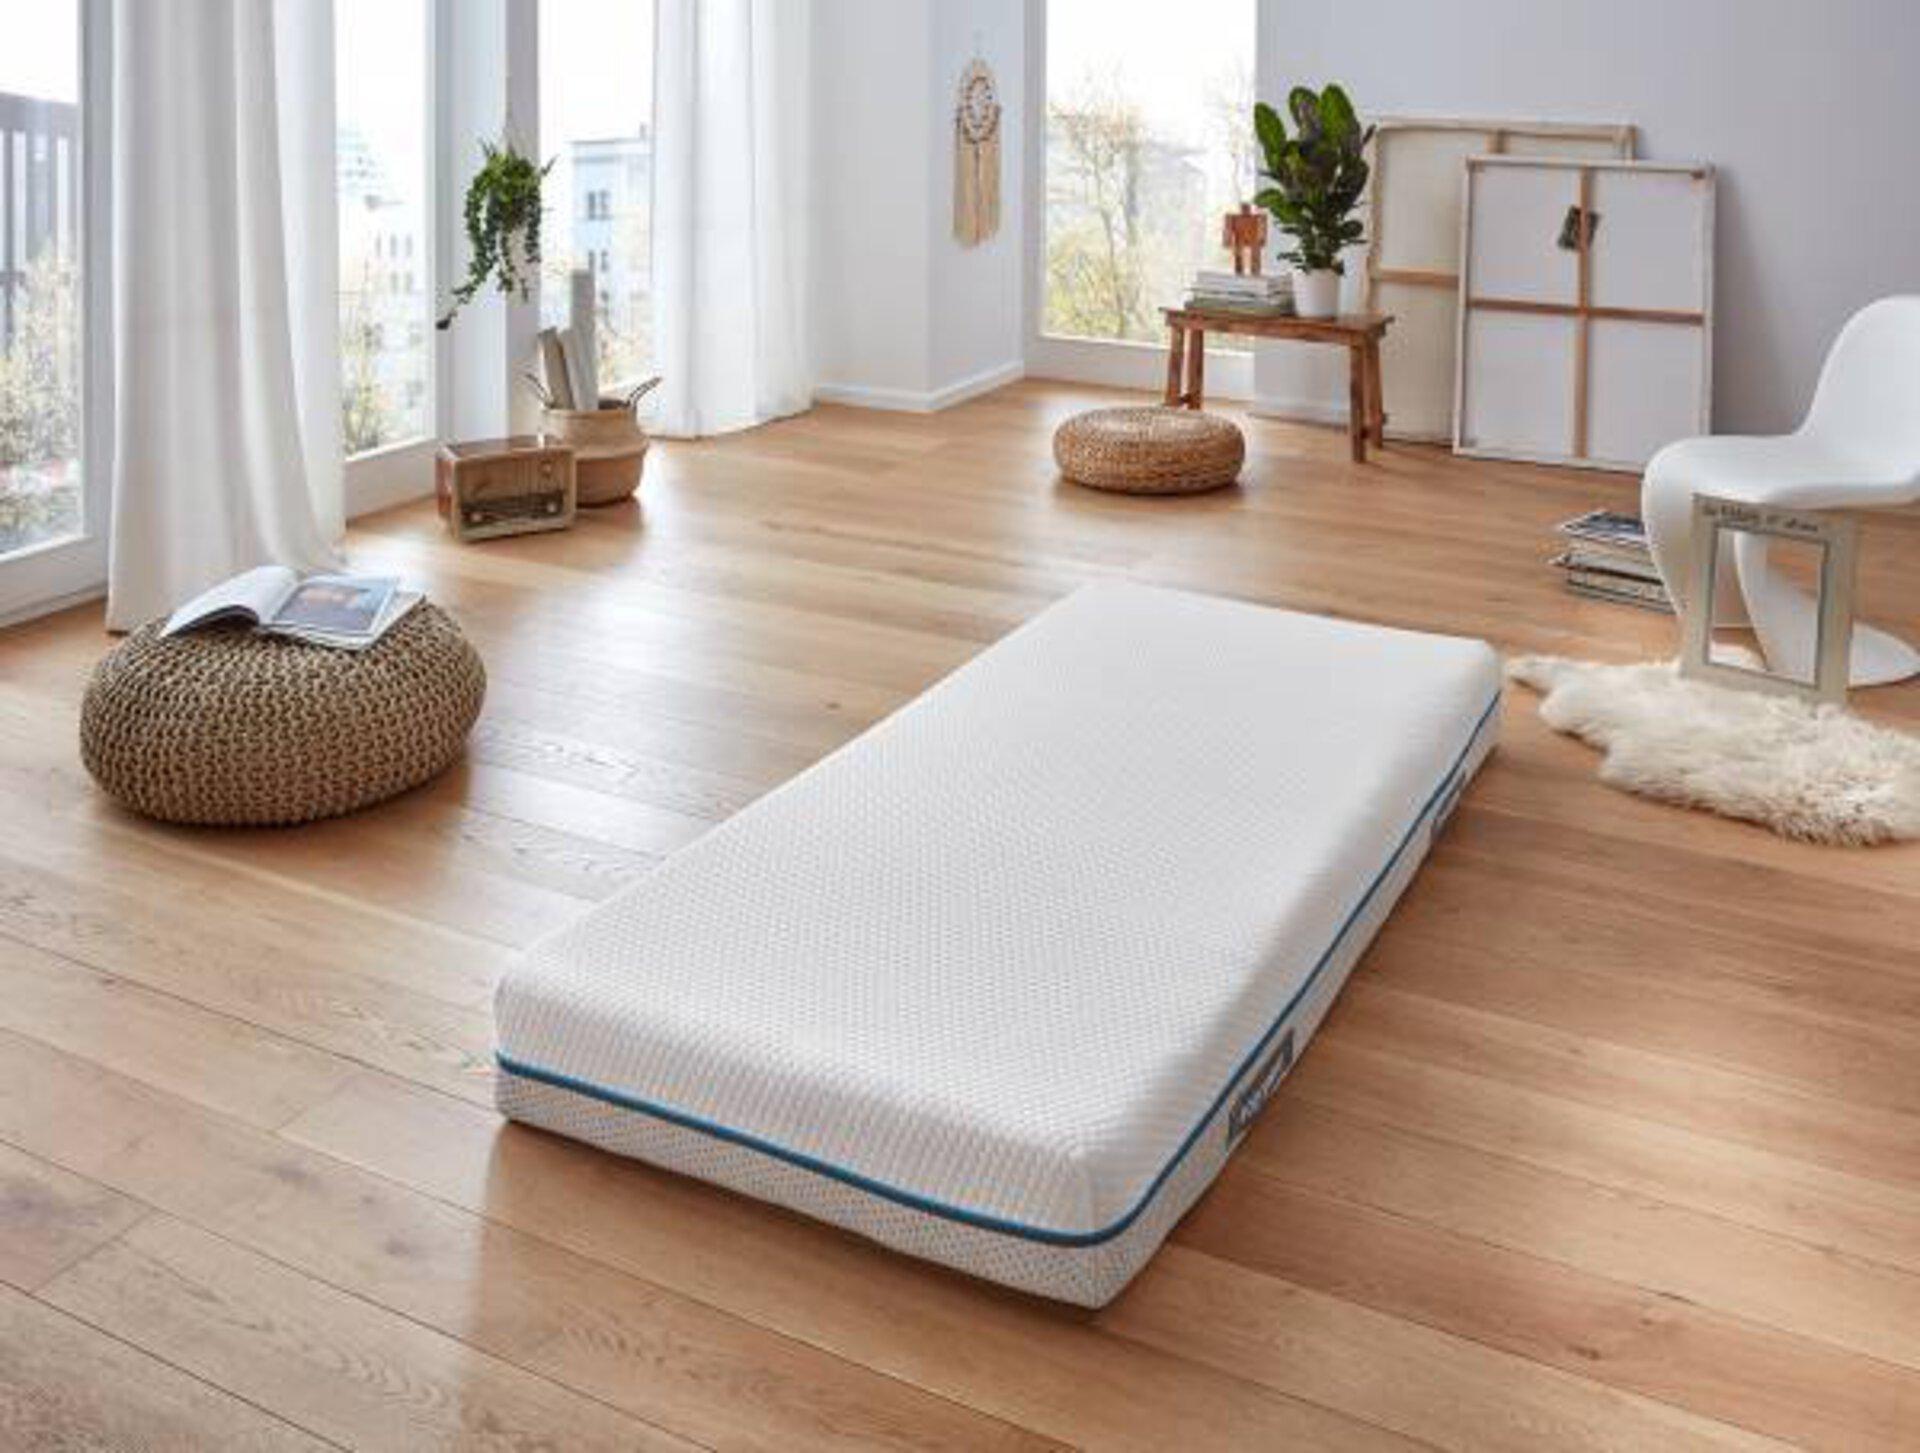 Matratze BODYSPRING MONDO Textil weiß 200 x 22 x 100 cm